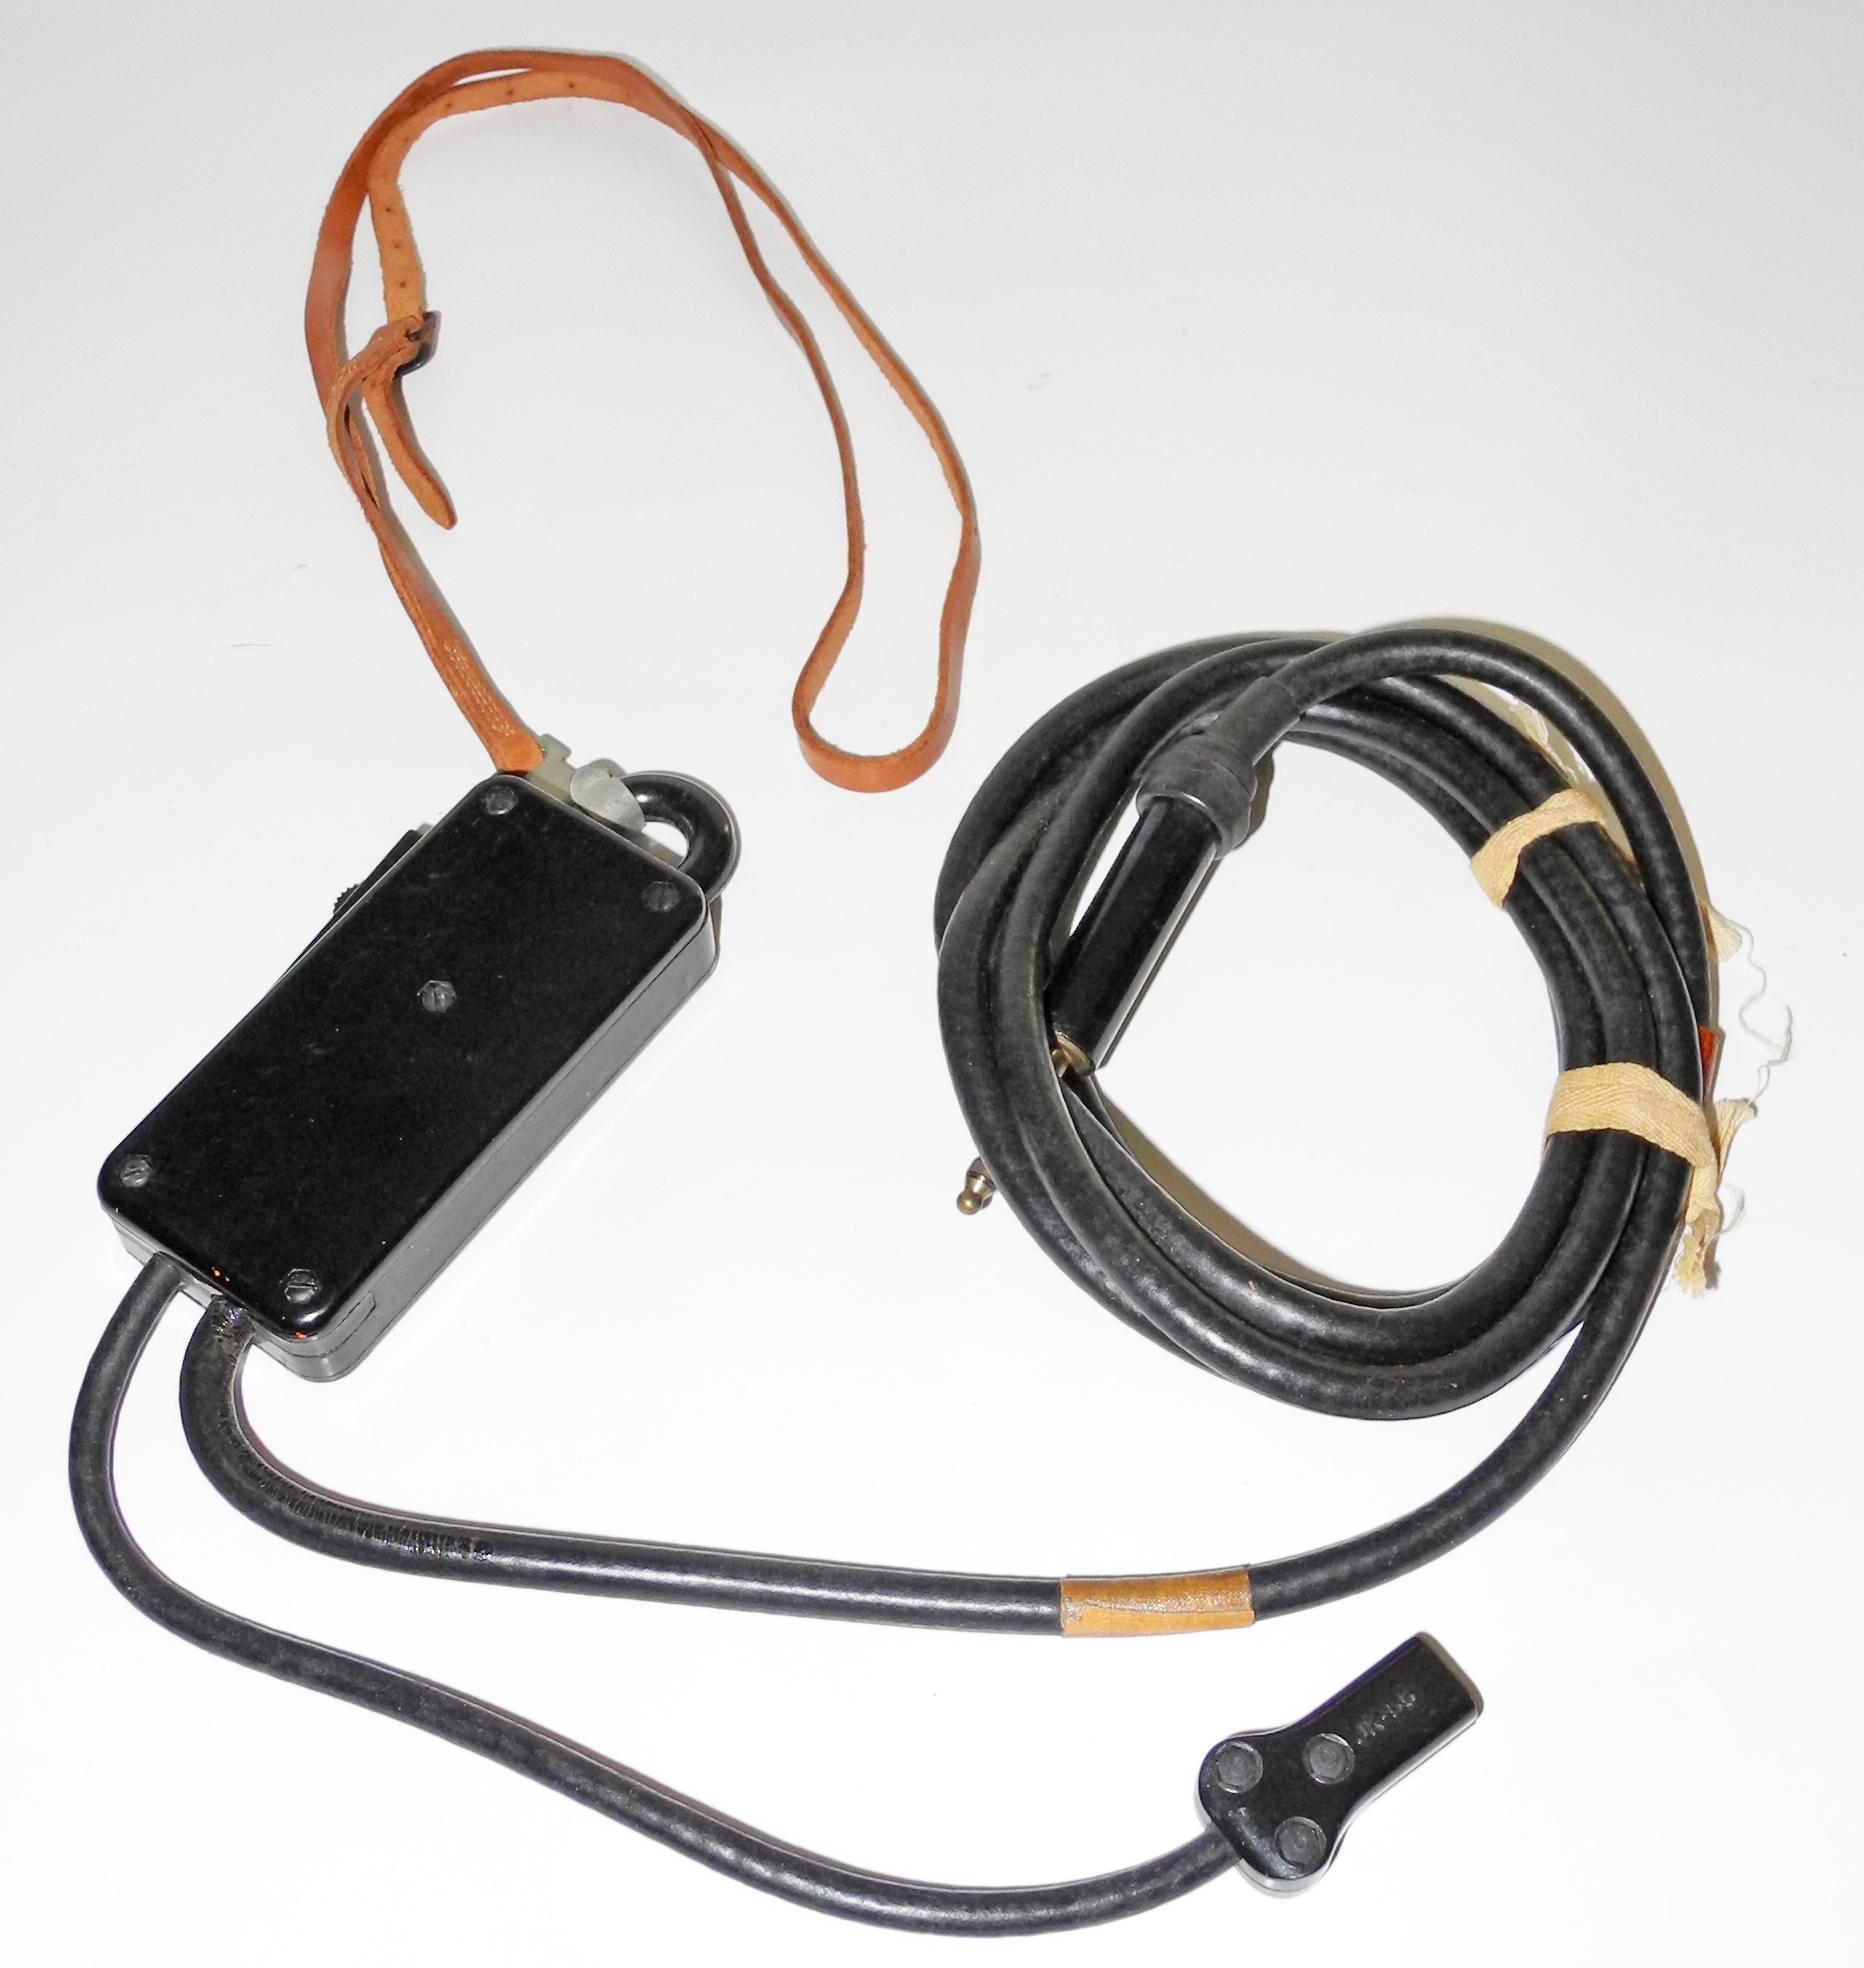 AAF SW-141 push-to-talk switch